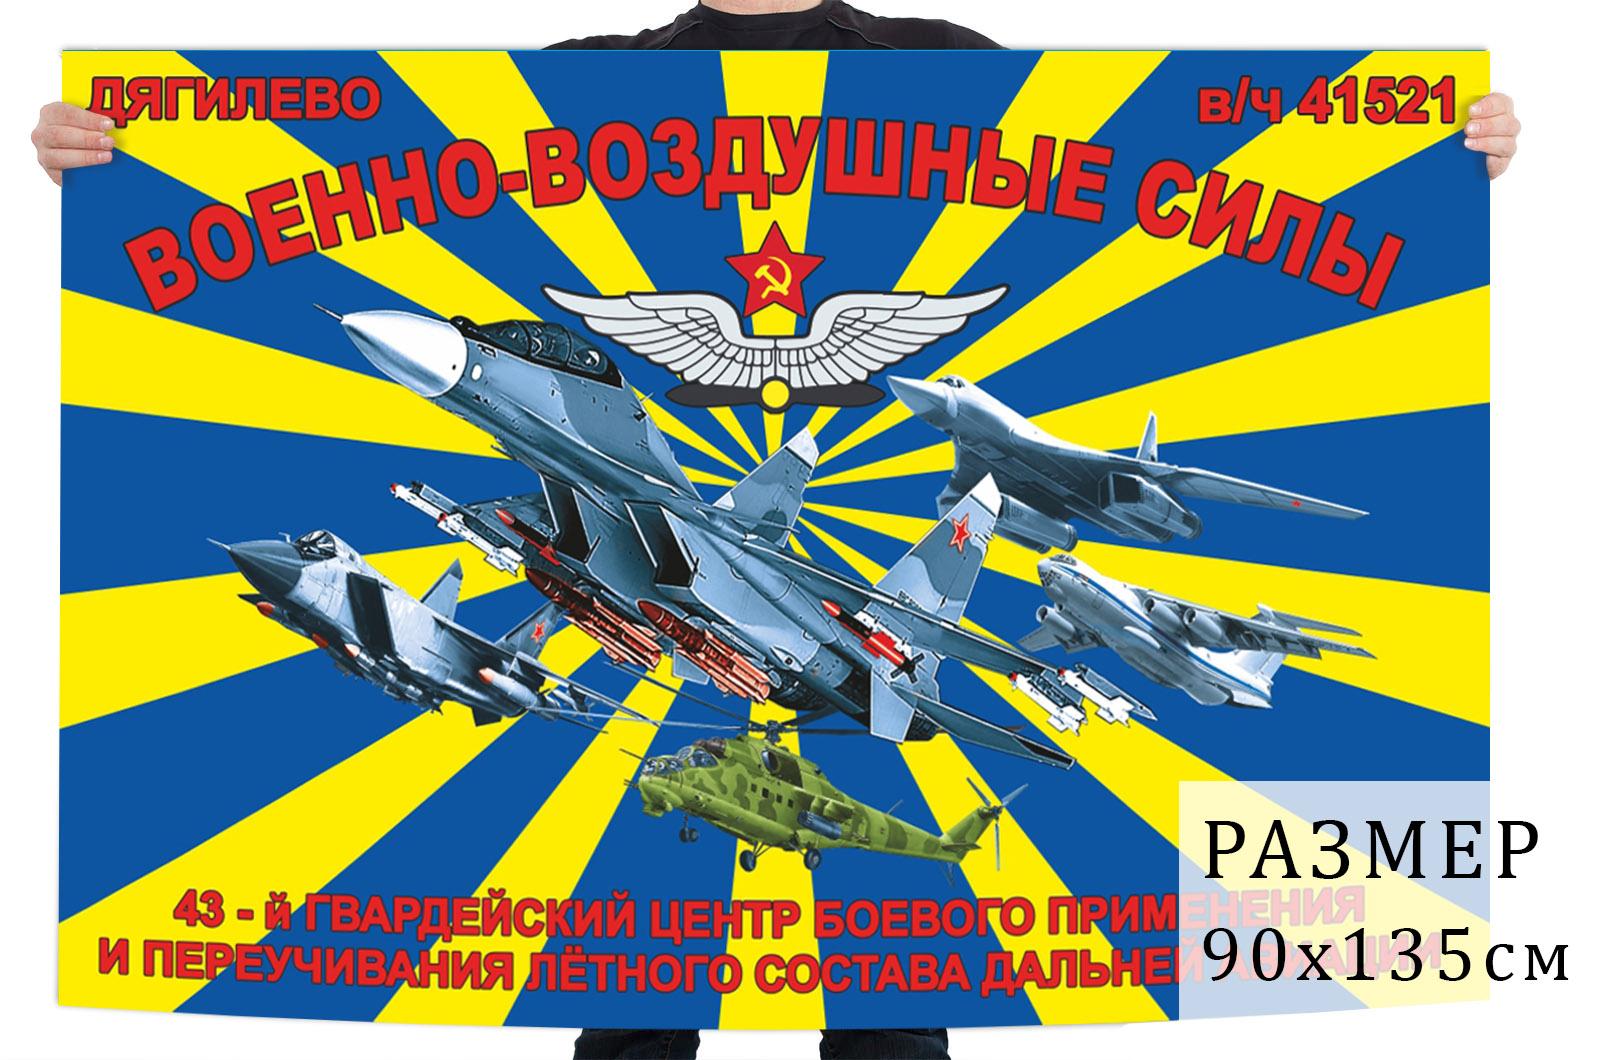 Флаг 43 центра боевого применения и переучивания лётного состава Дальней авиации